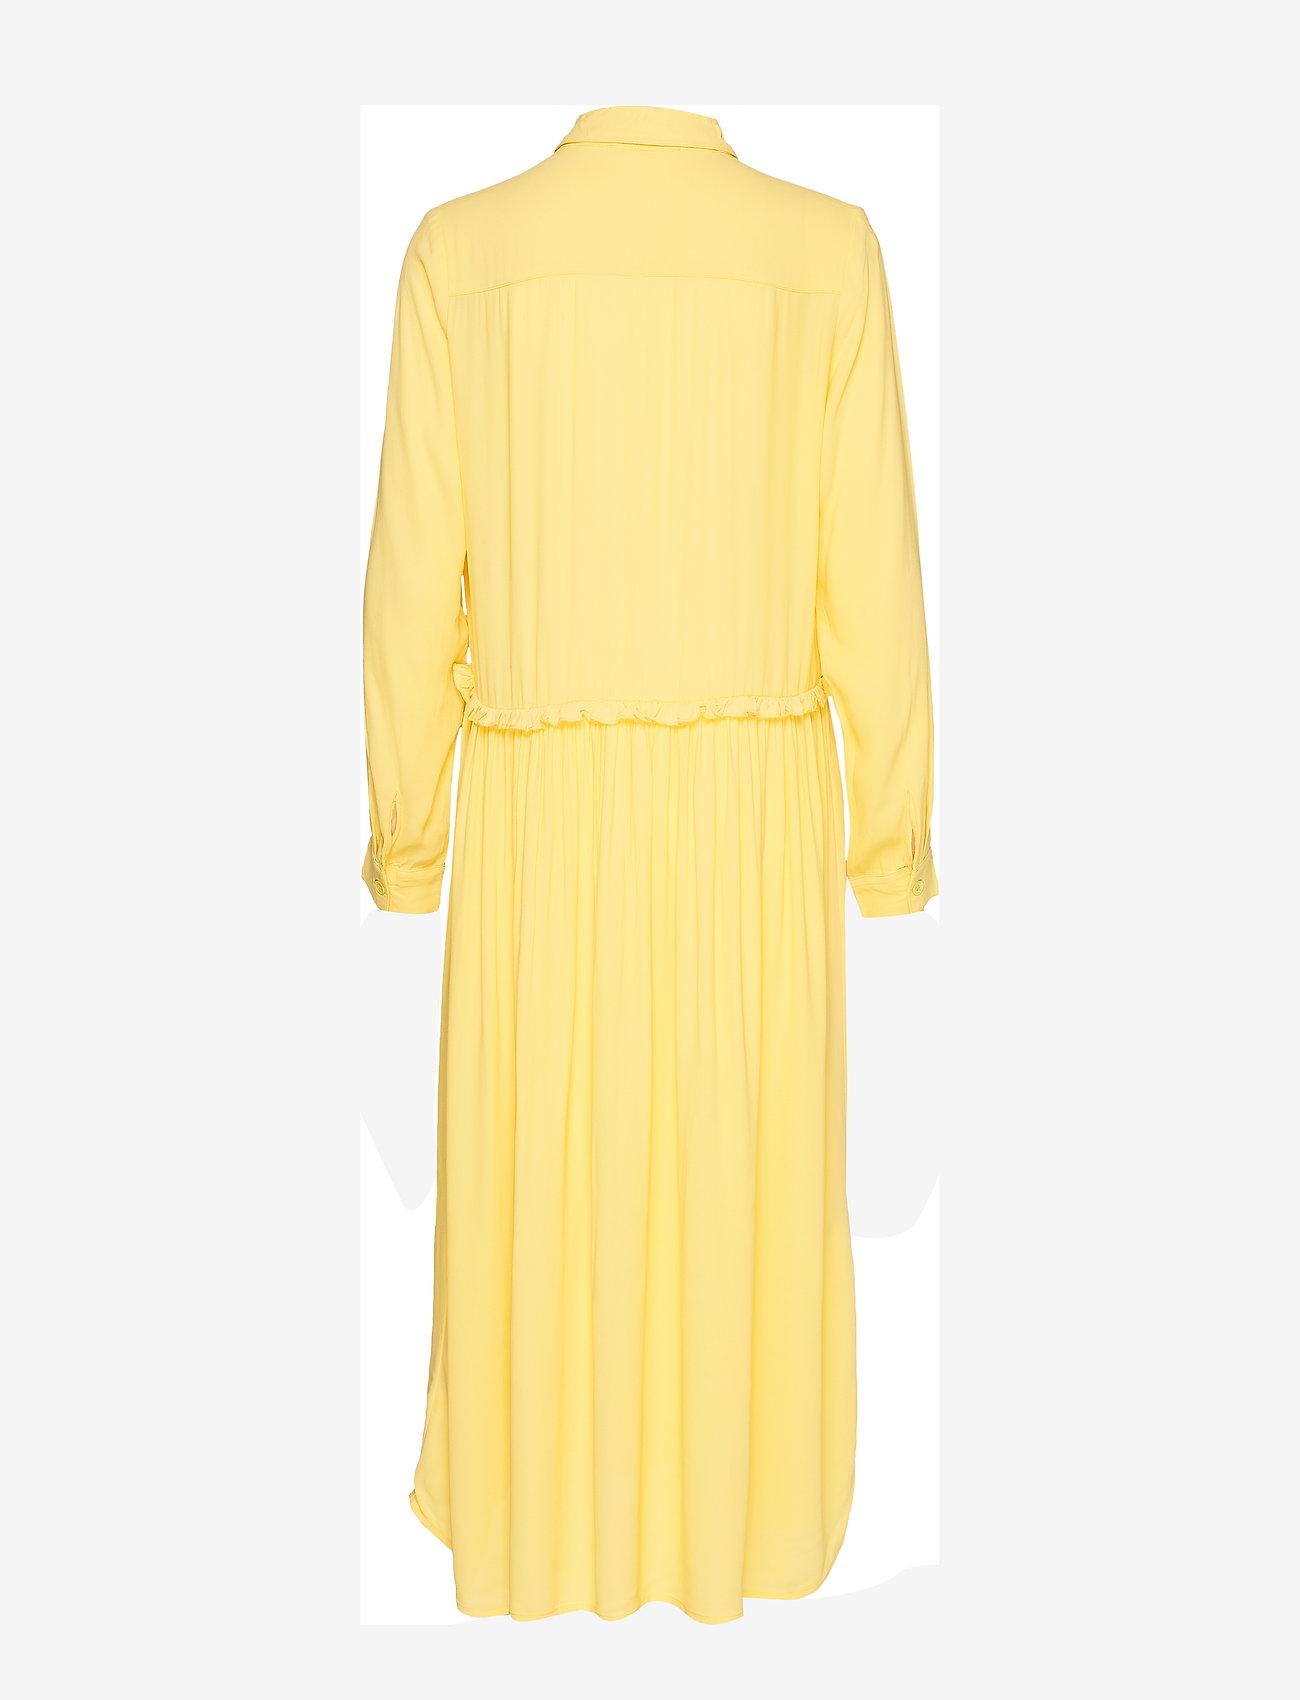 Jolene Dress (Pale Banana) (798 kr) - Lovechild 1979